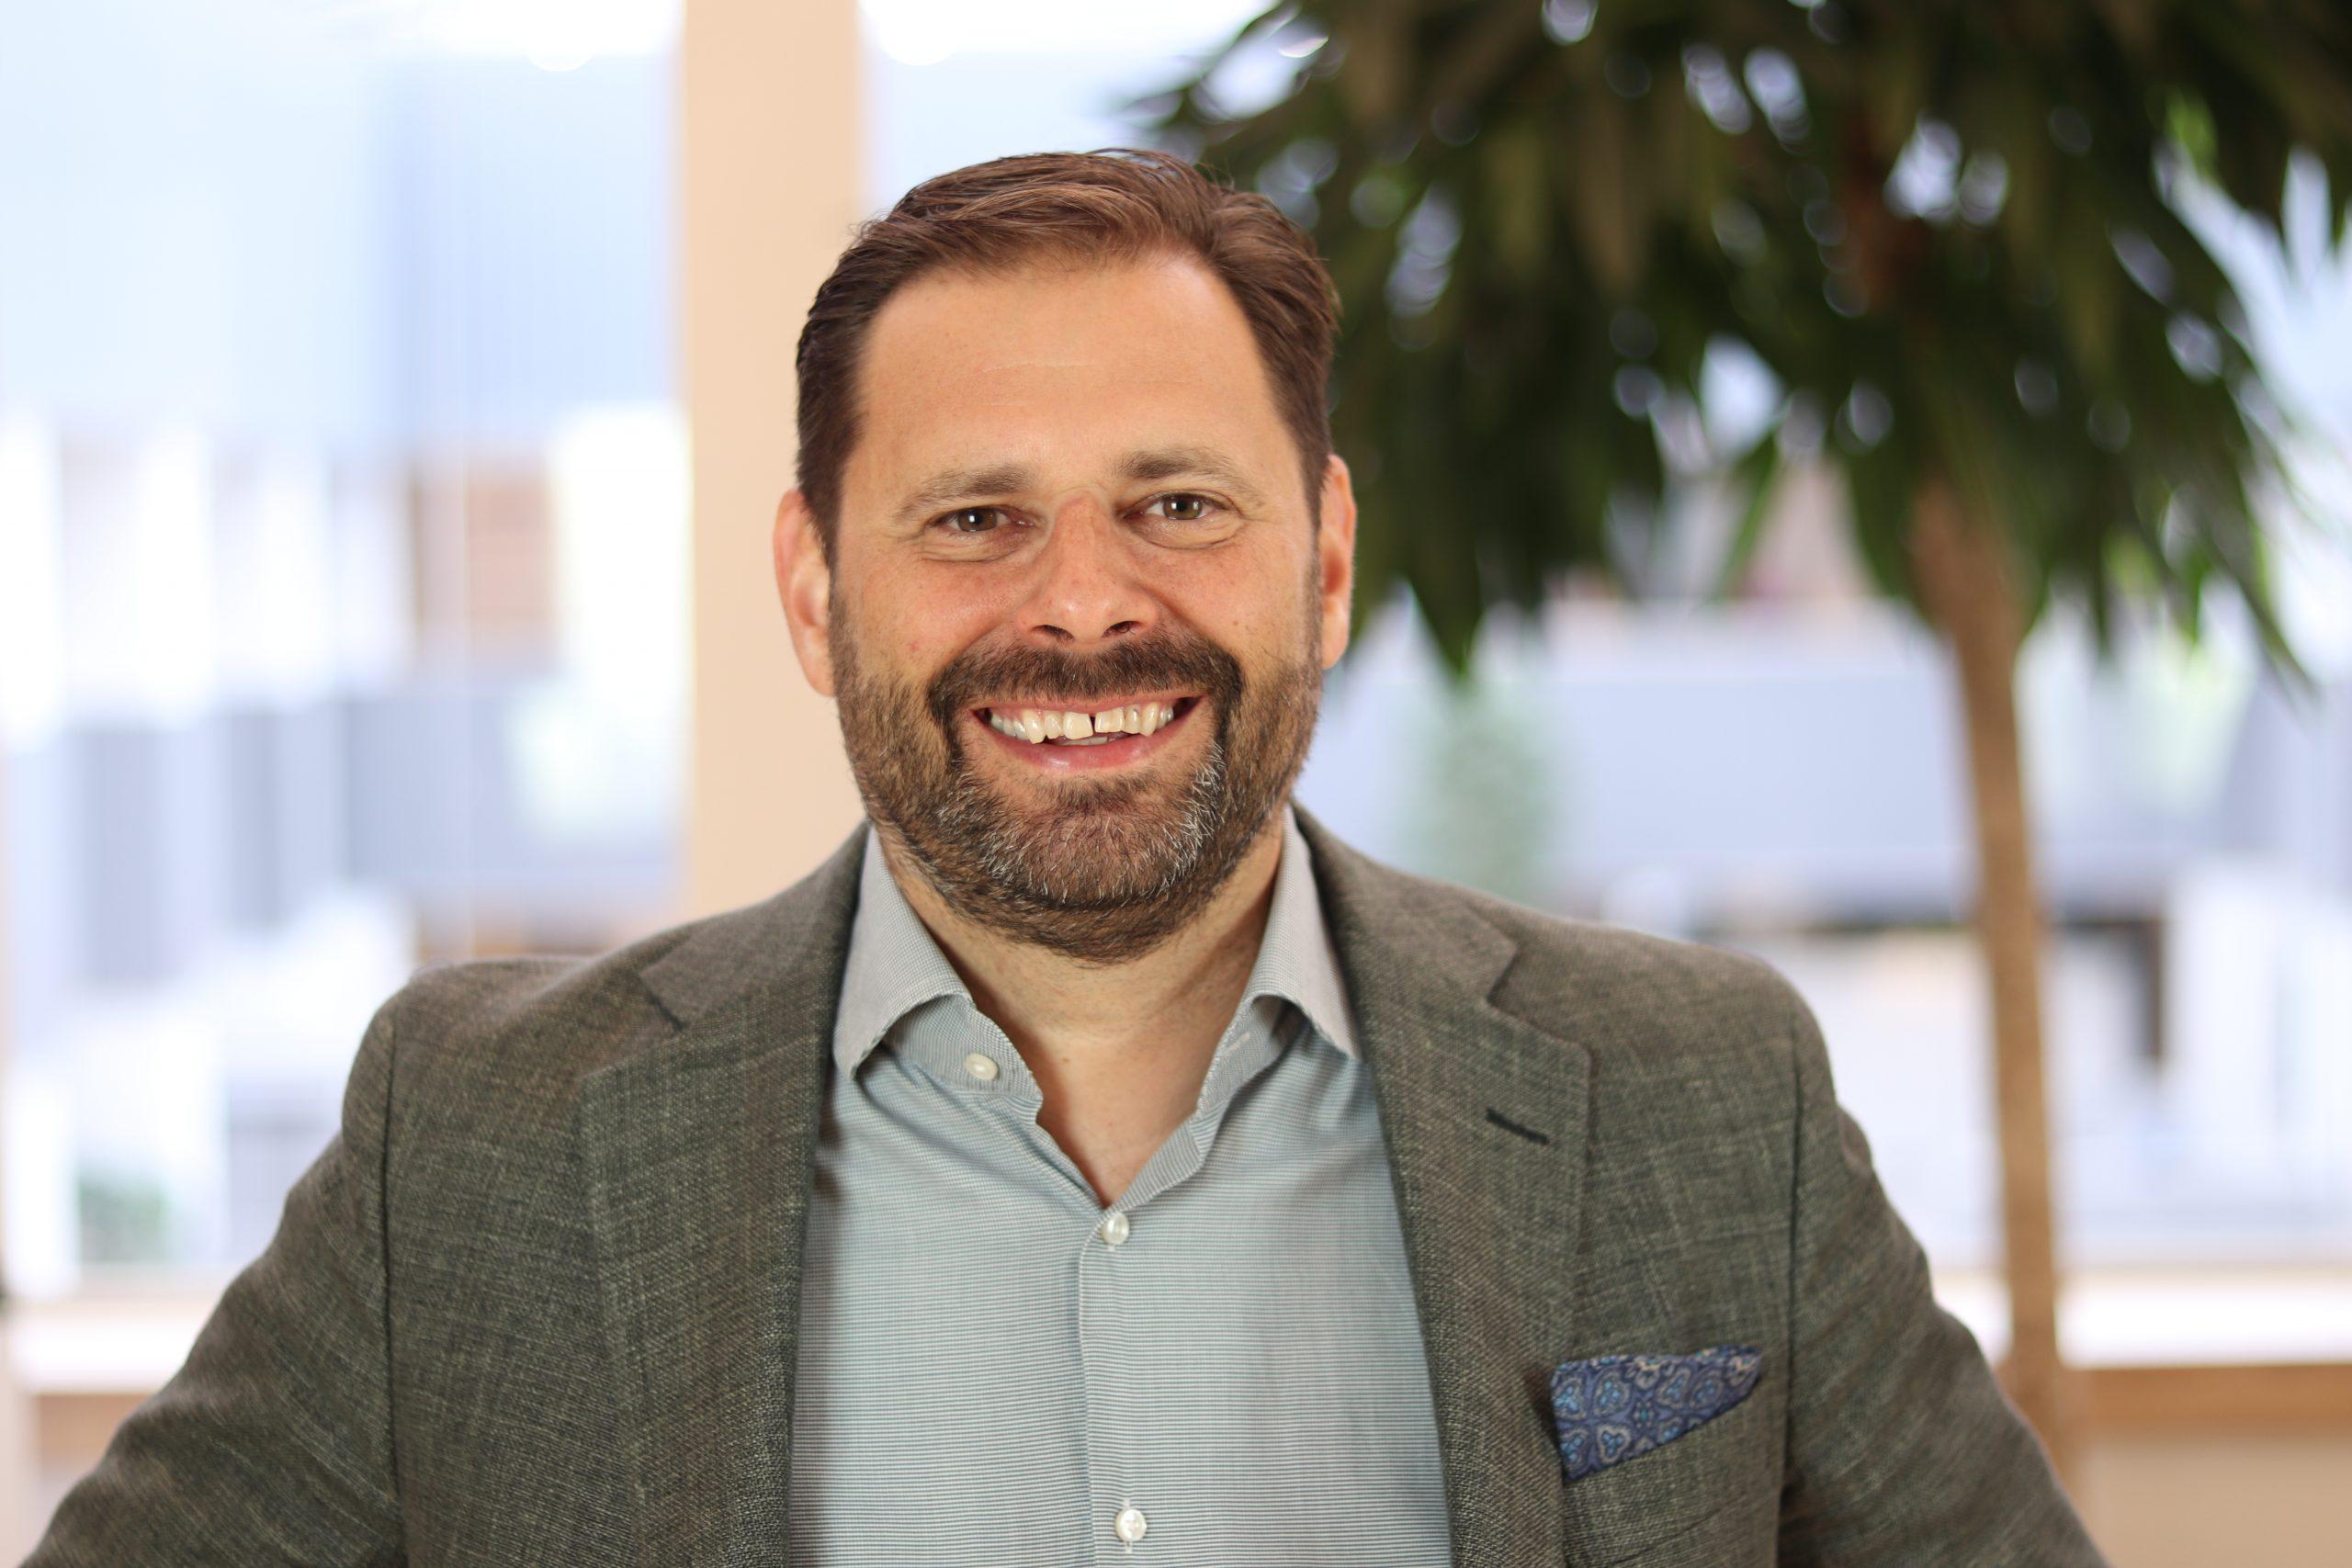 Stefan Ingelgård, Affärsområdeschef Technology & IT på Azets Sverige